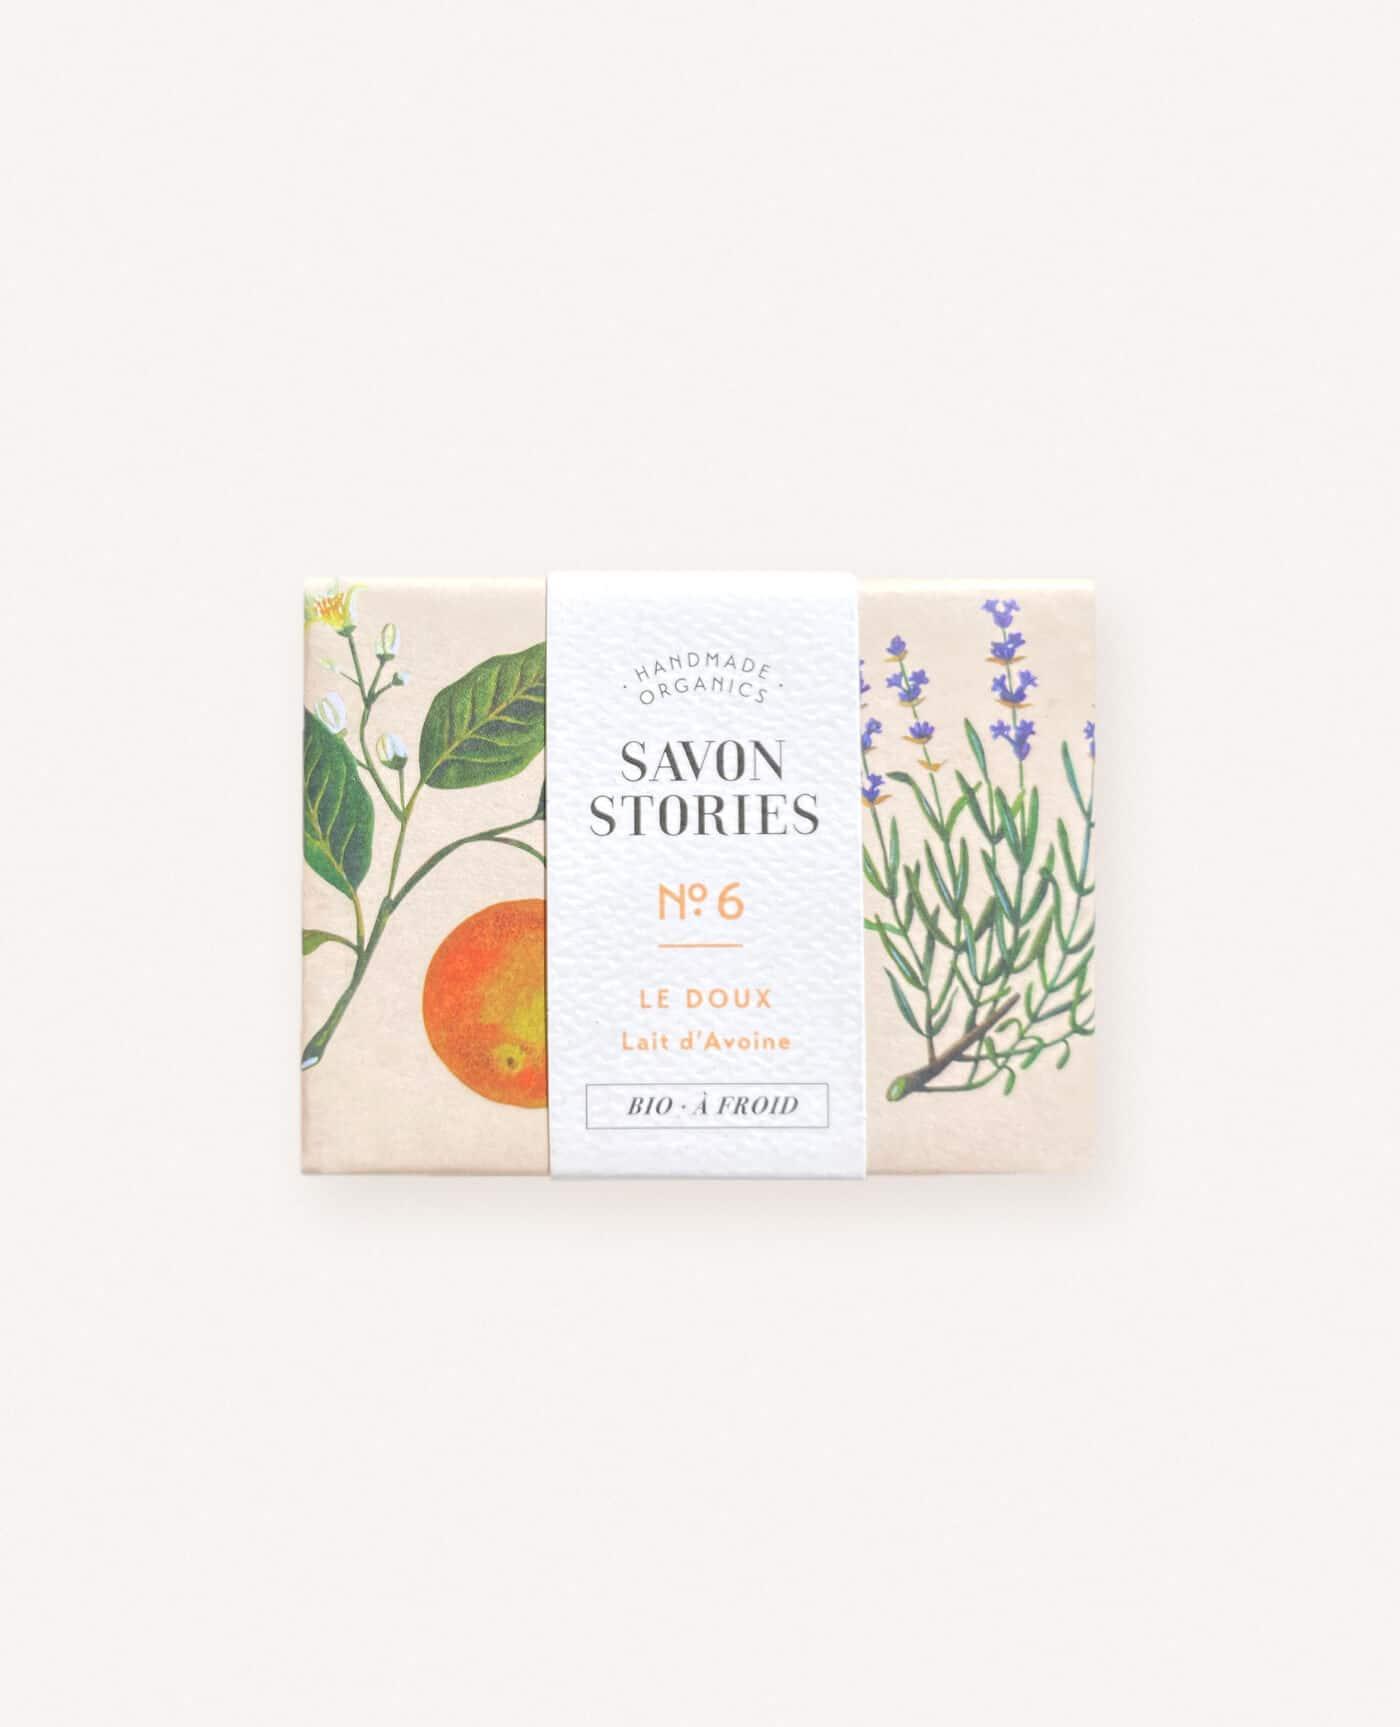 Savon solide doux bio, naturel et vegan au lait d'avoine, orange, lavande et patchouli de la marque Savon Stories made in france